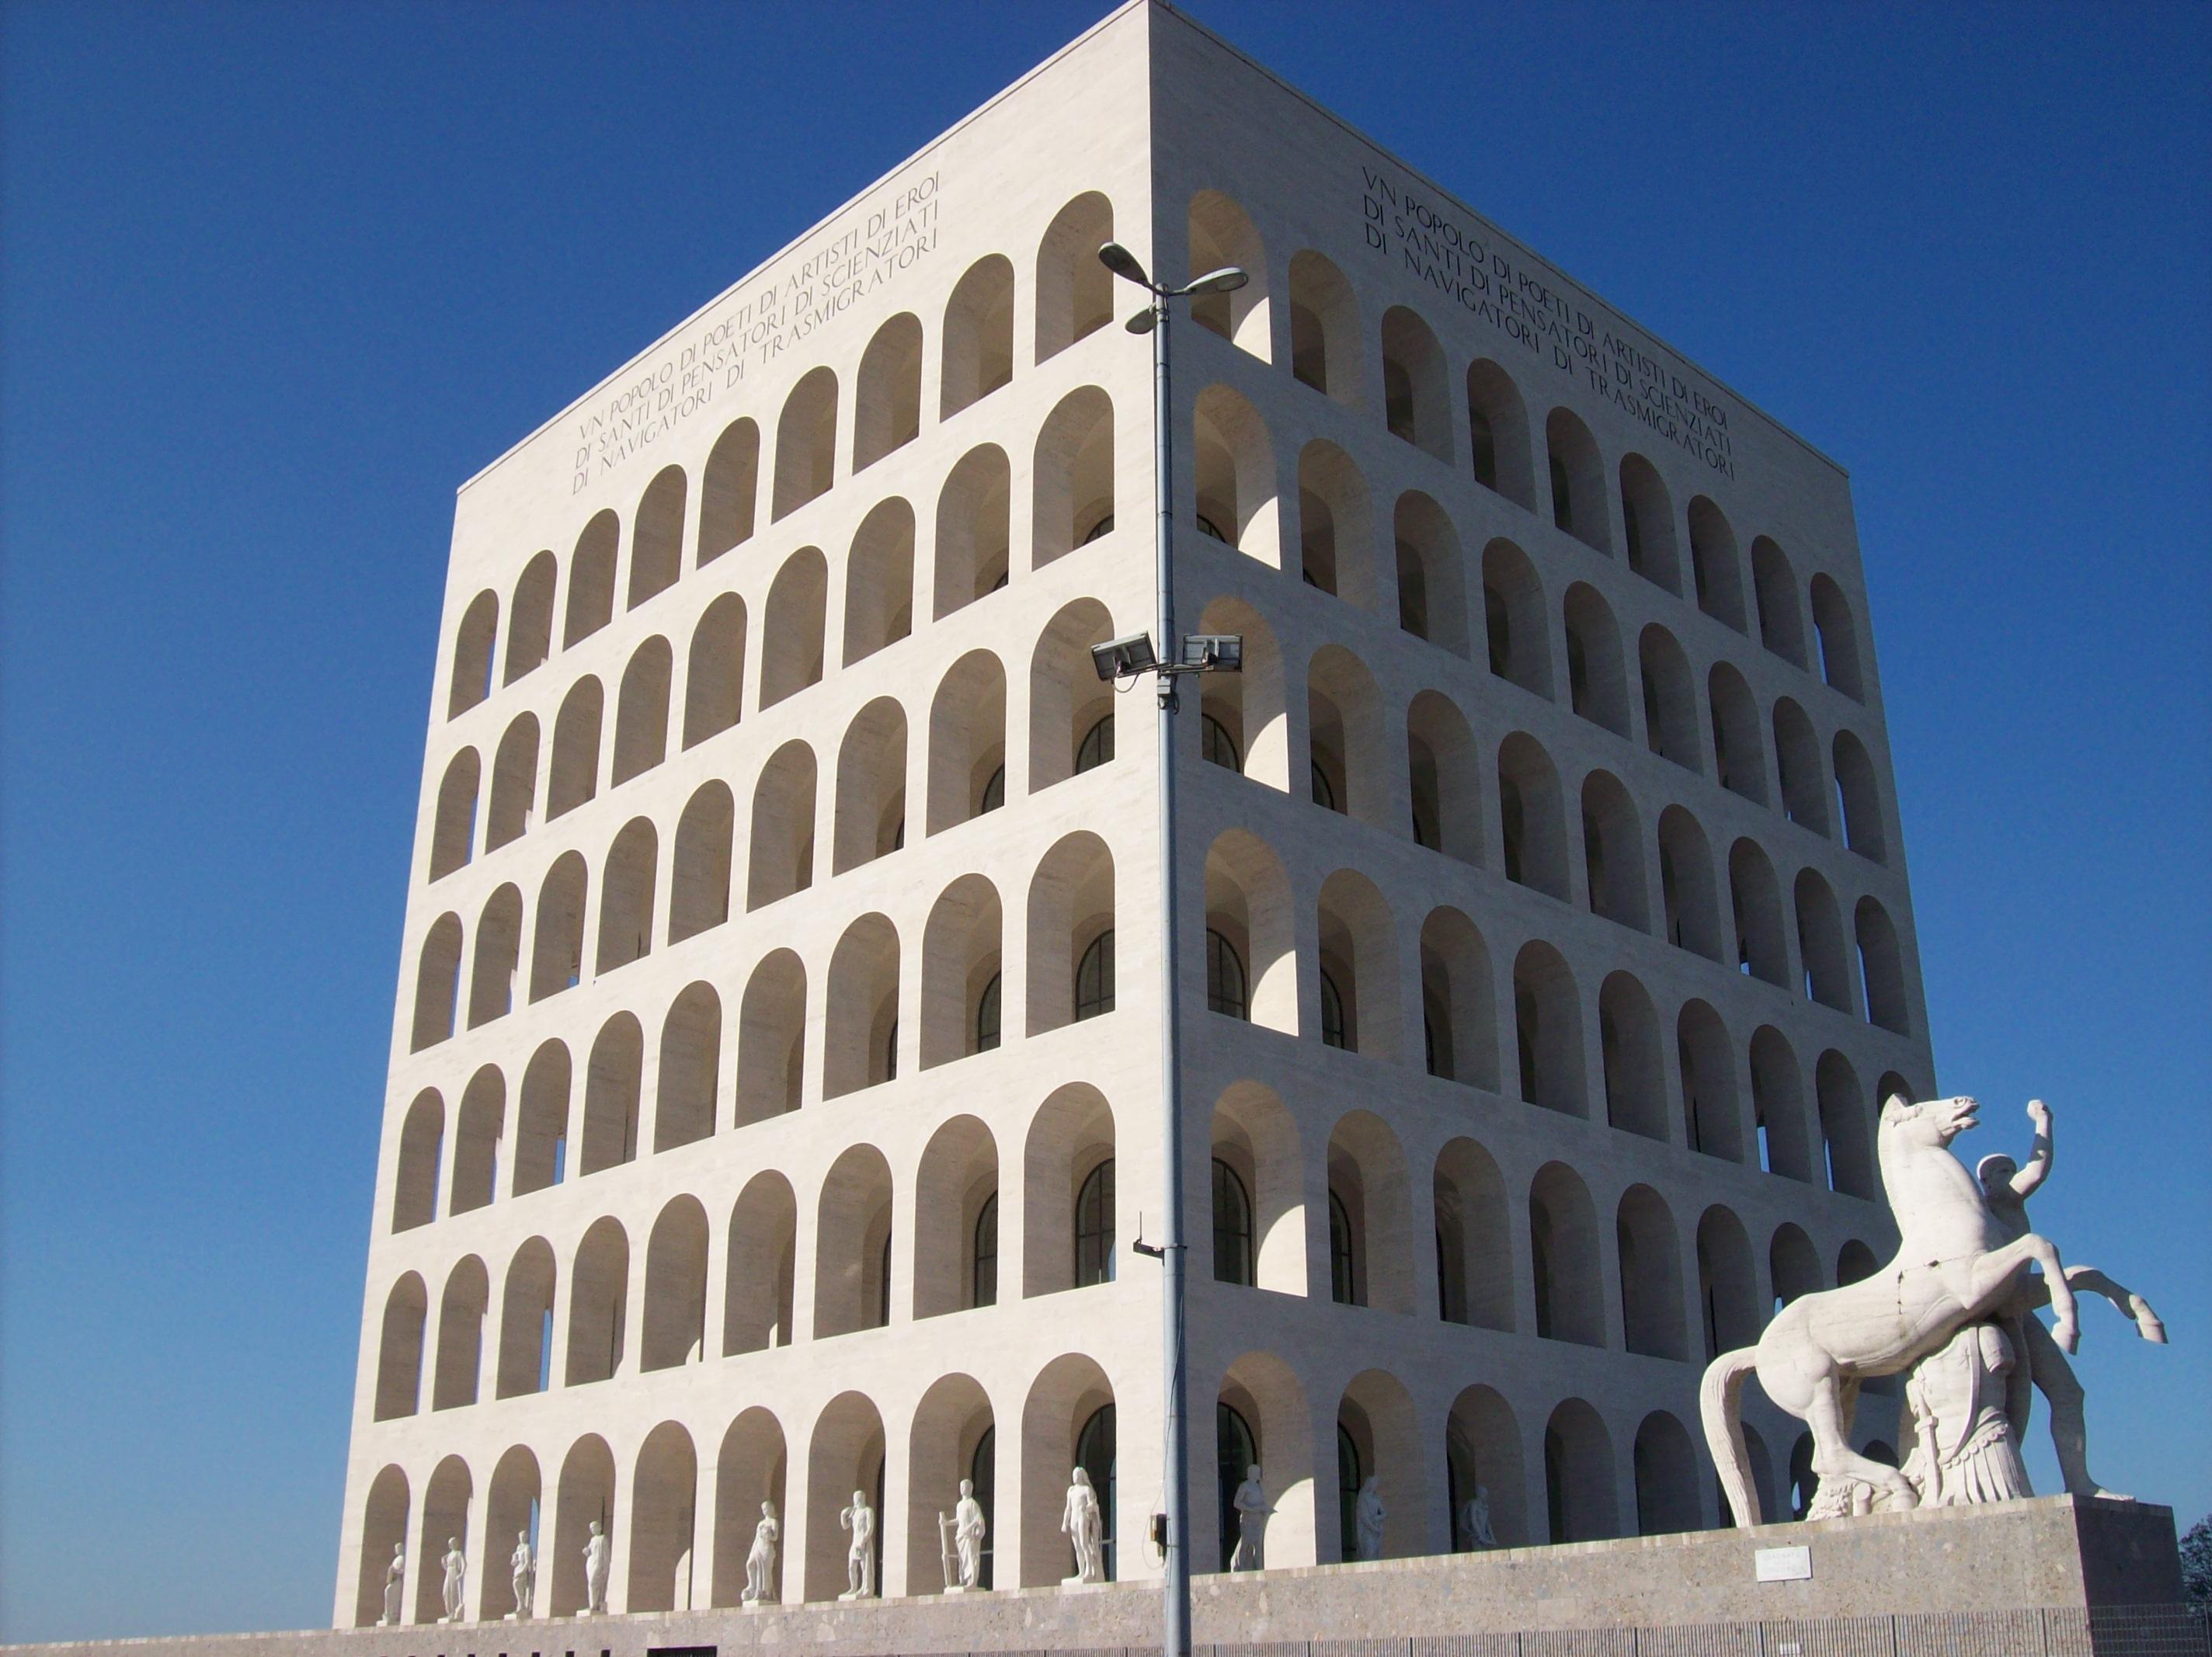 Il quartiere eur centro residenziale congressuale e for Architettura fascista